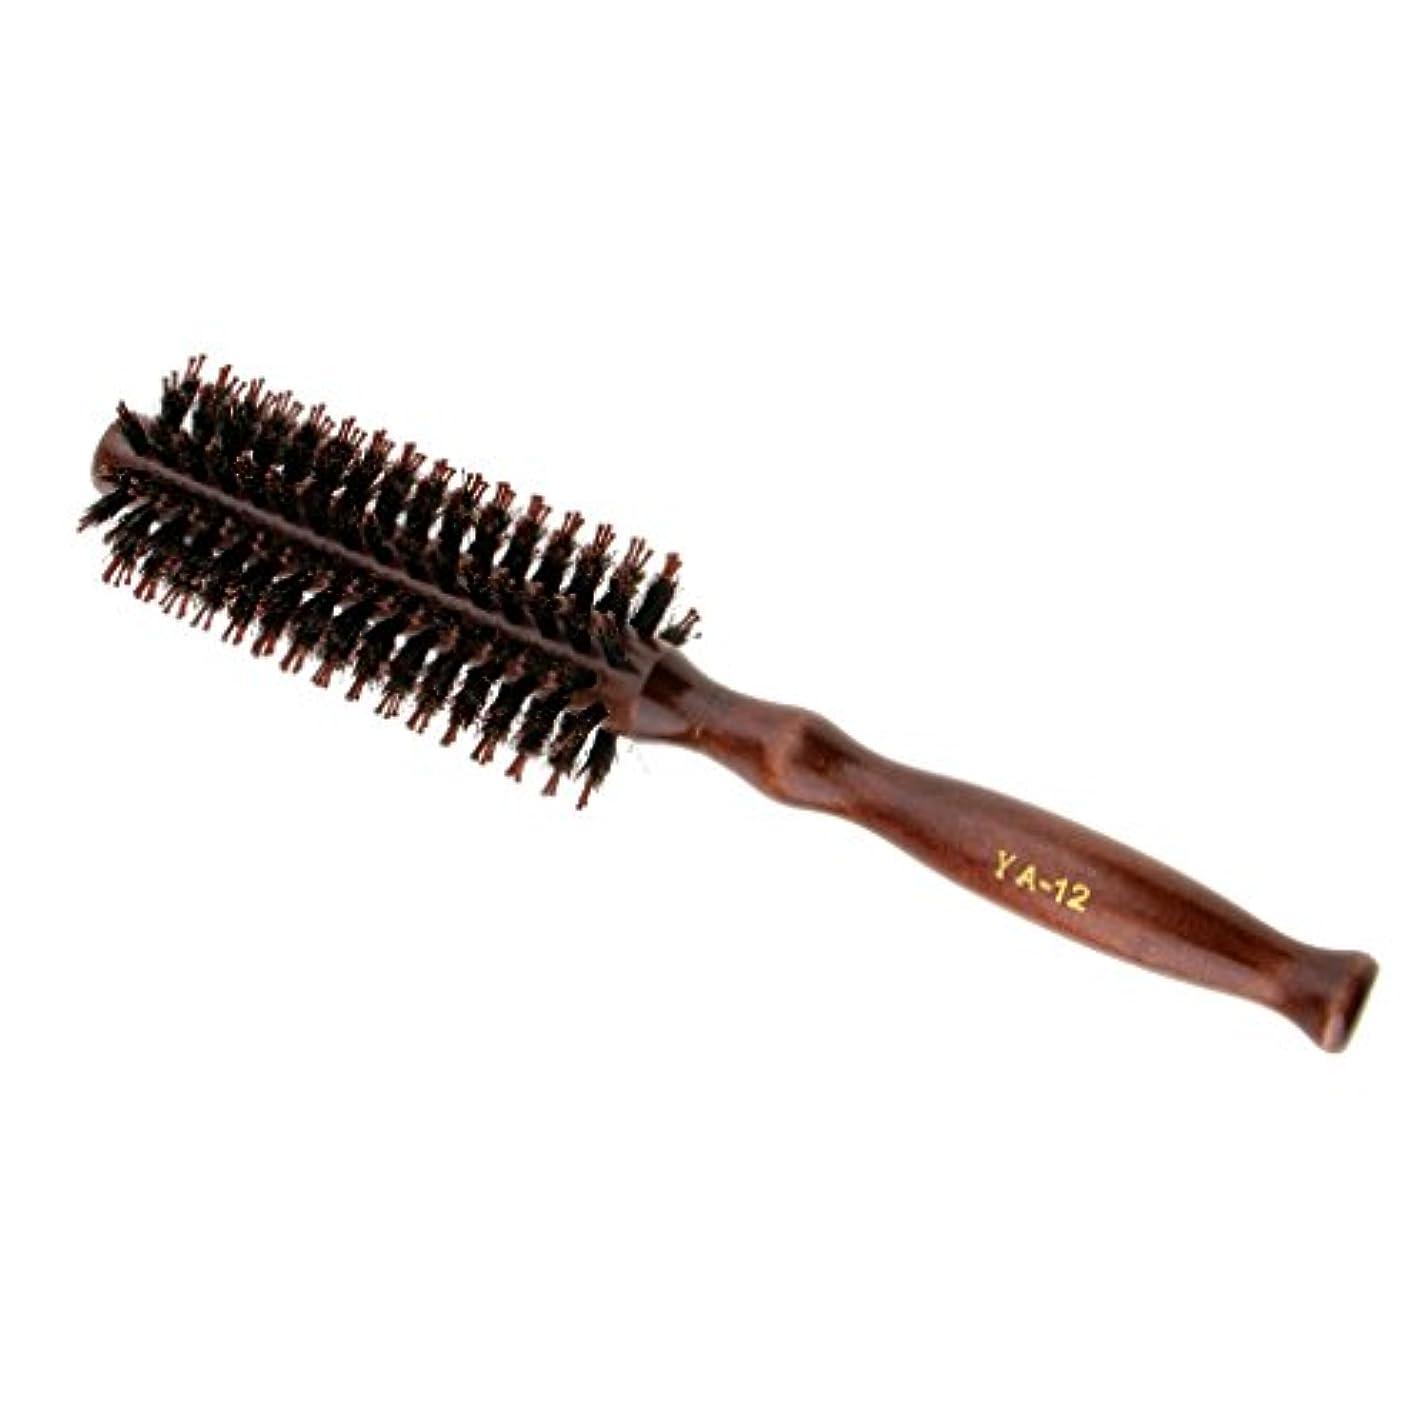 ルートお別れするだろうPerfeclan ロールブラシ ヘアブラシ カール 巻き髪 頭皮マッサージ ウッド ハンドル 理髪 カール 2タイプ選べる - #2